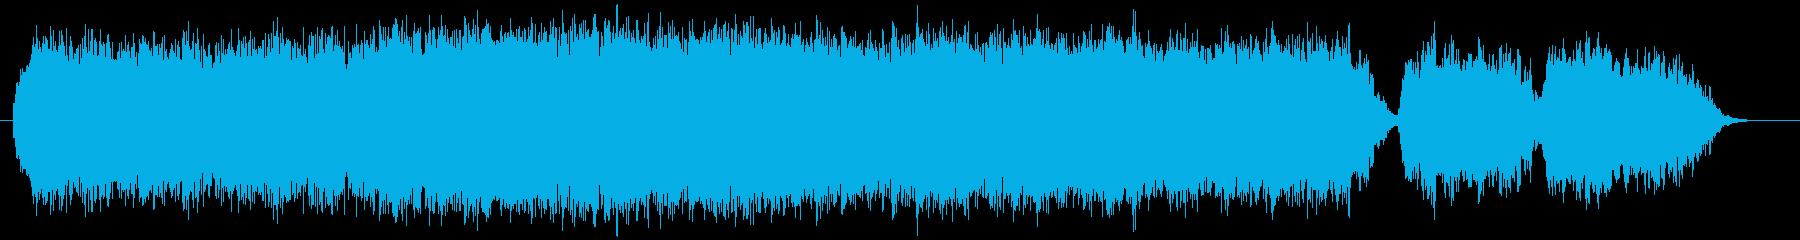 ちょっとホラーな耳障りな音の再生済みの波形